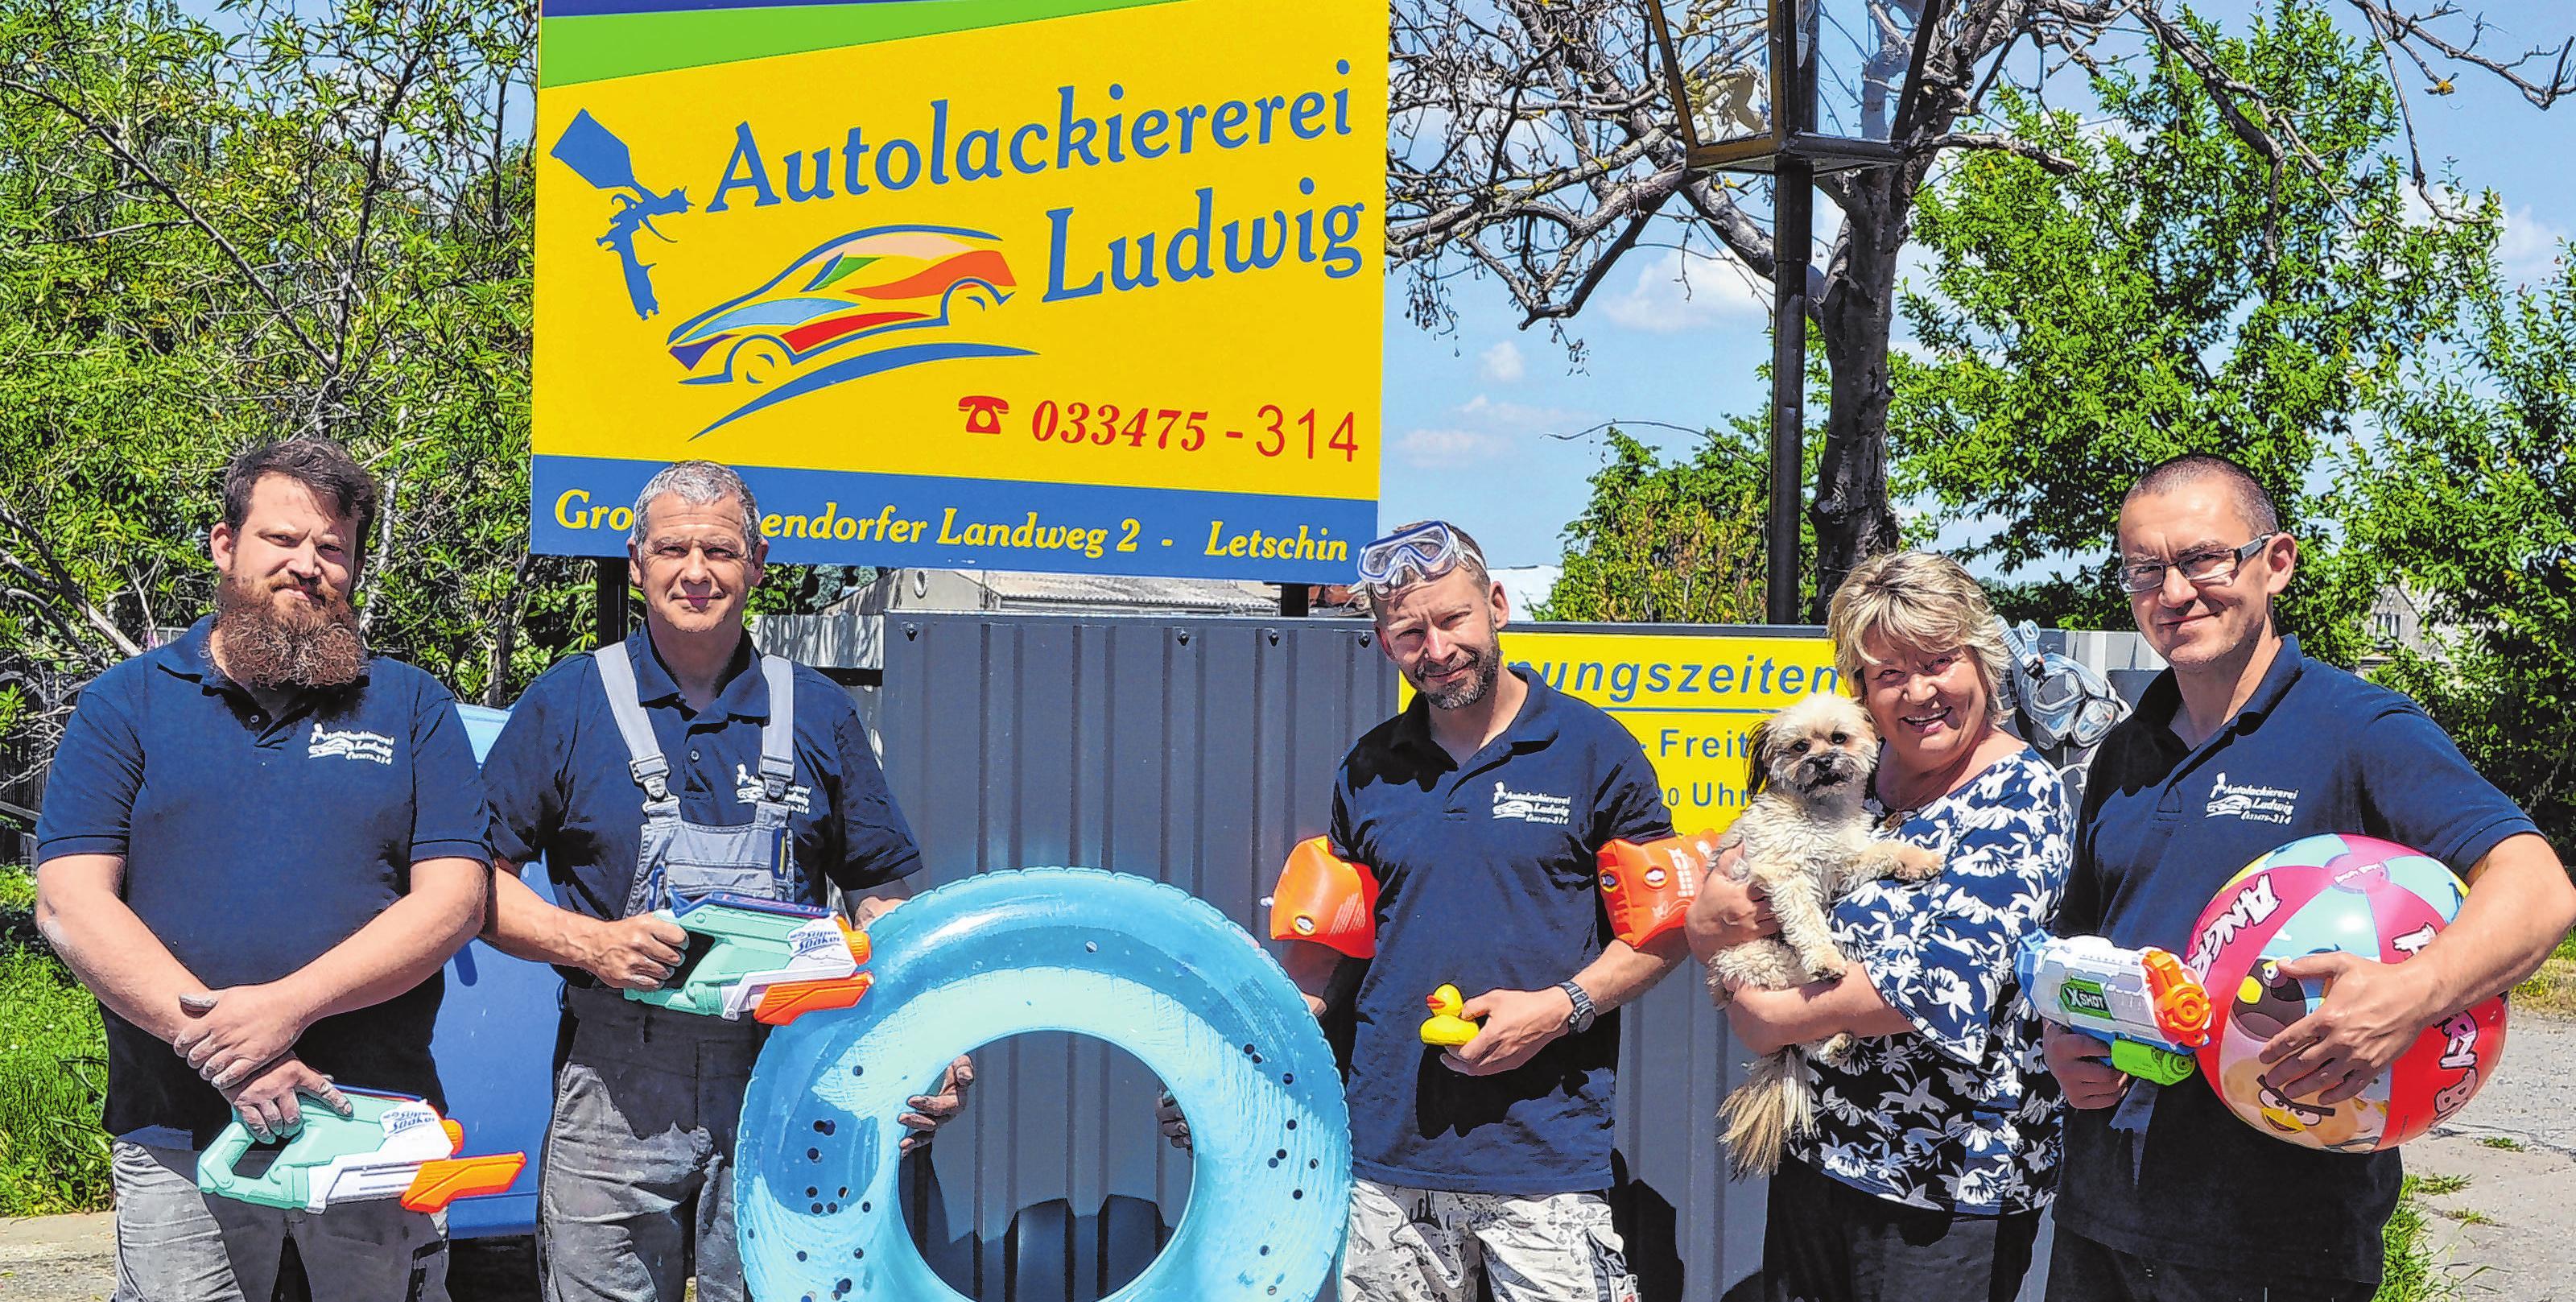 Immer gut drauf: Das Team der Letschiner Autolackiererei Ludwig Fotos (3): Cornelia Mikat